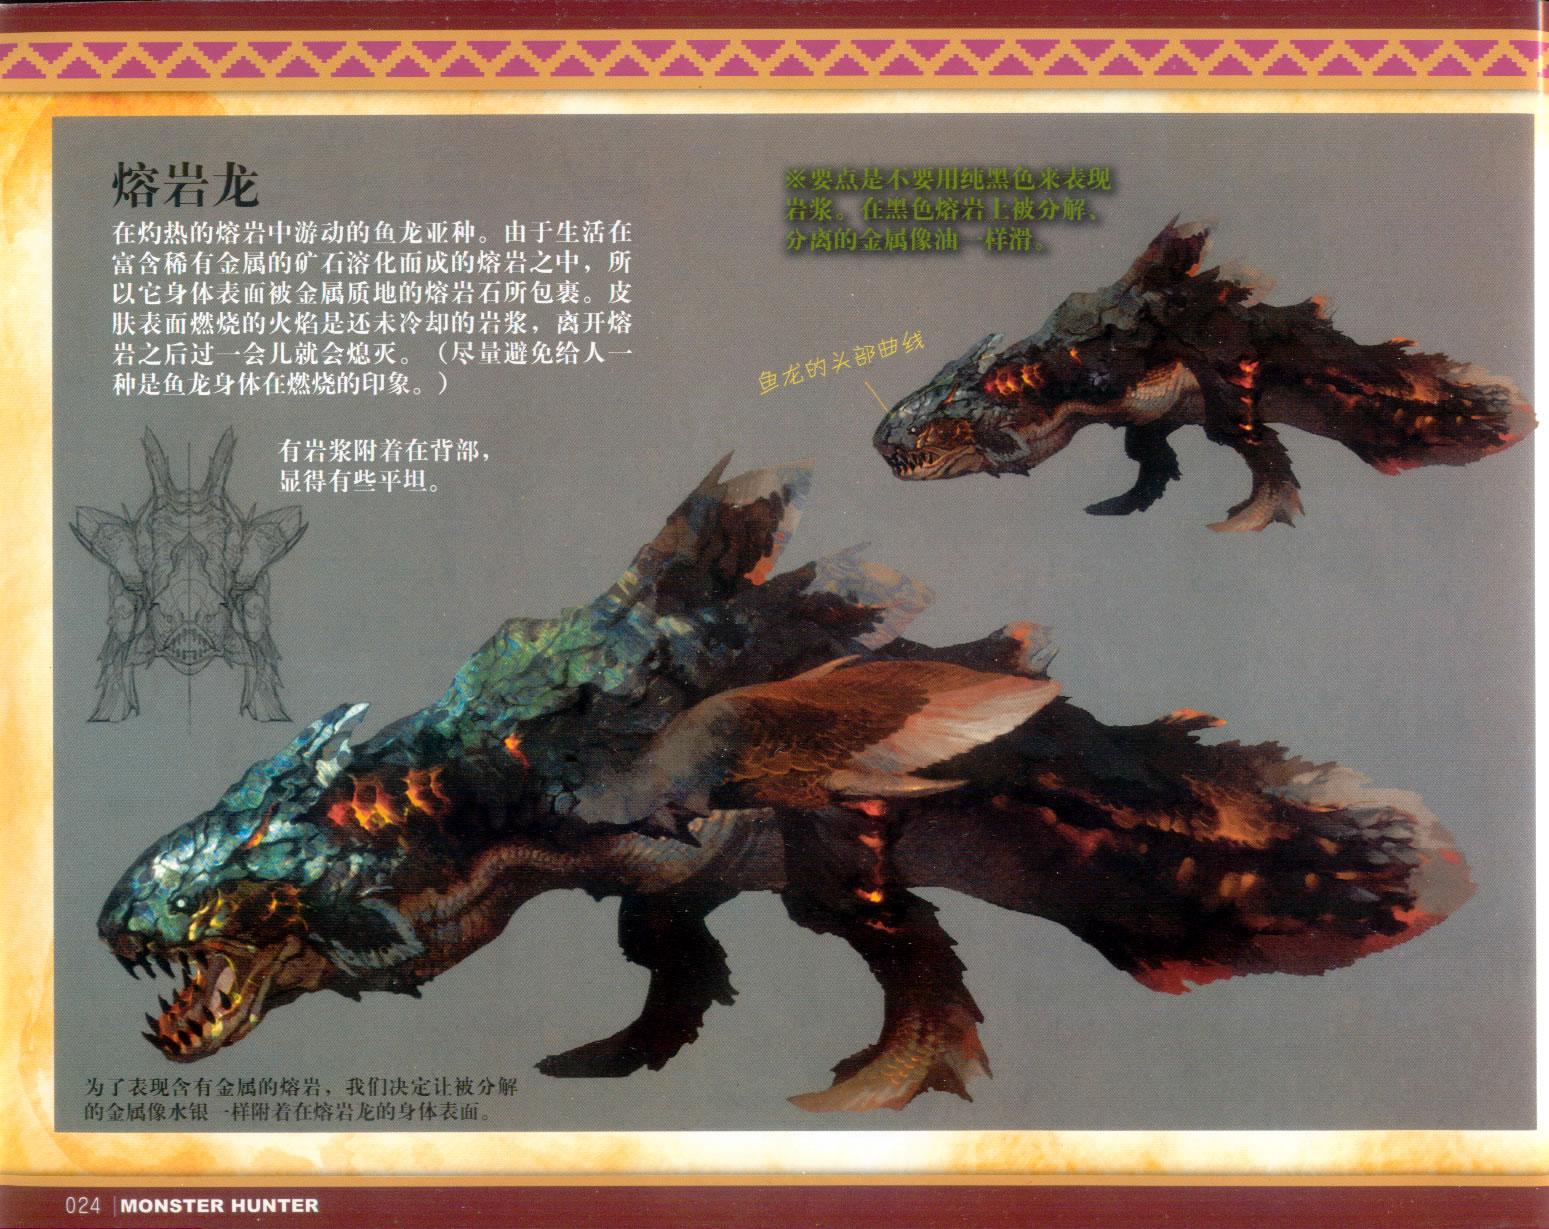 024_关注-游艺网GAME798海量资源下载怪物猎人终极画集.jpg